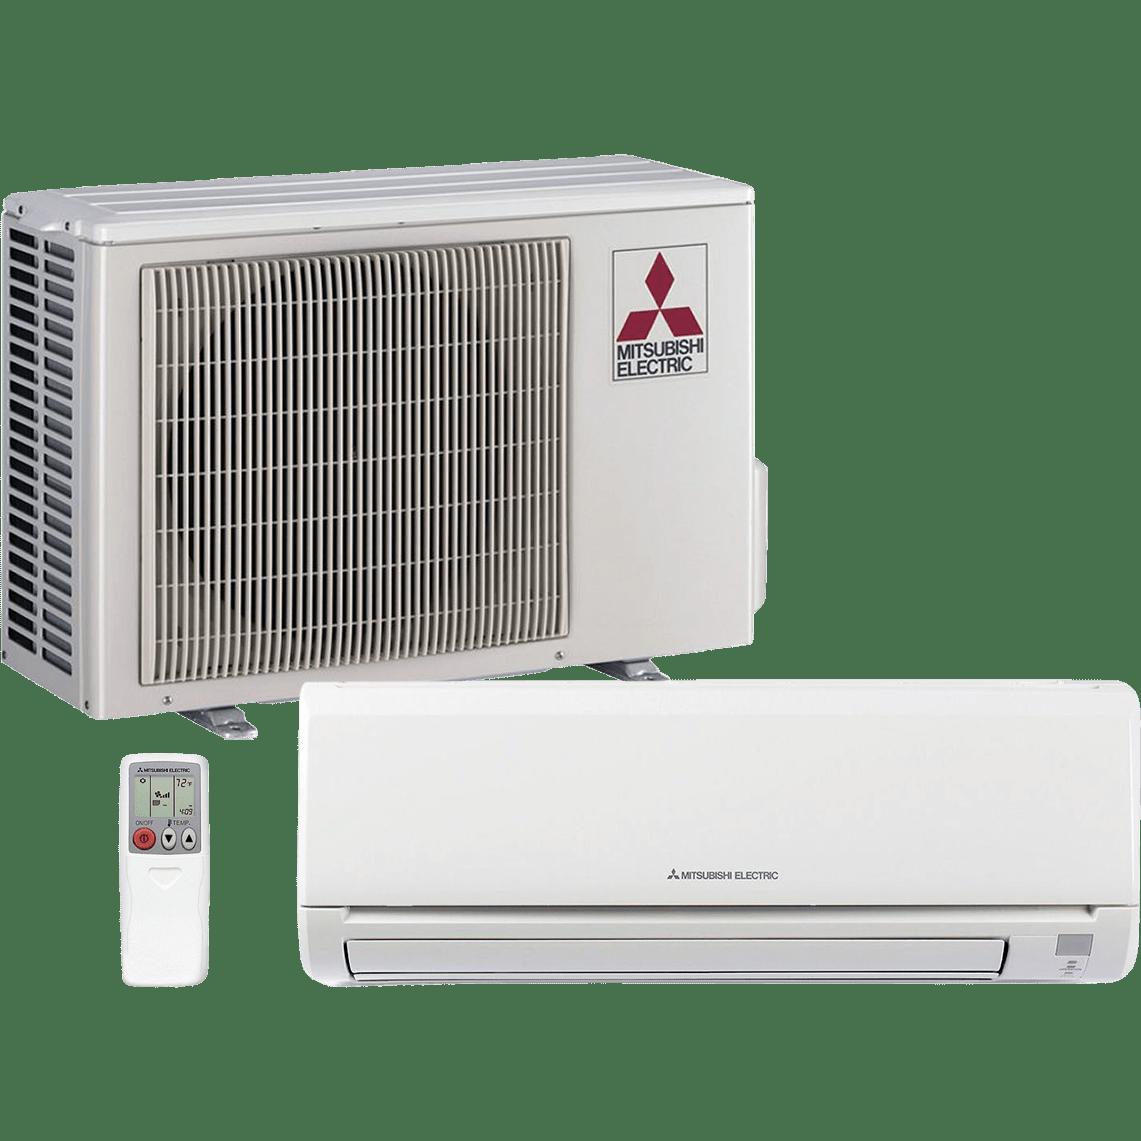 Mitsubishi 12,000 BTU Mini-Split Air Conditioner (MY-GL12NA) mi6206k